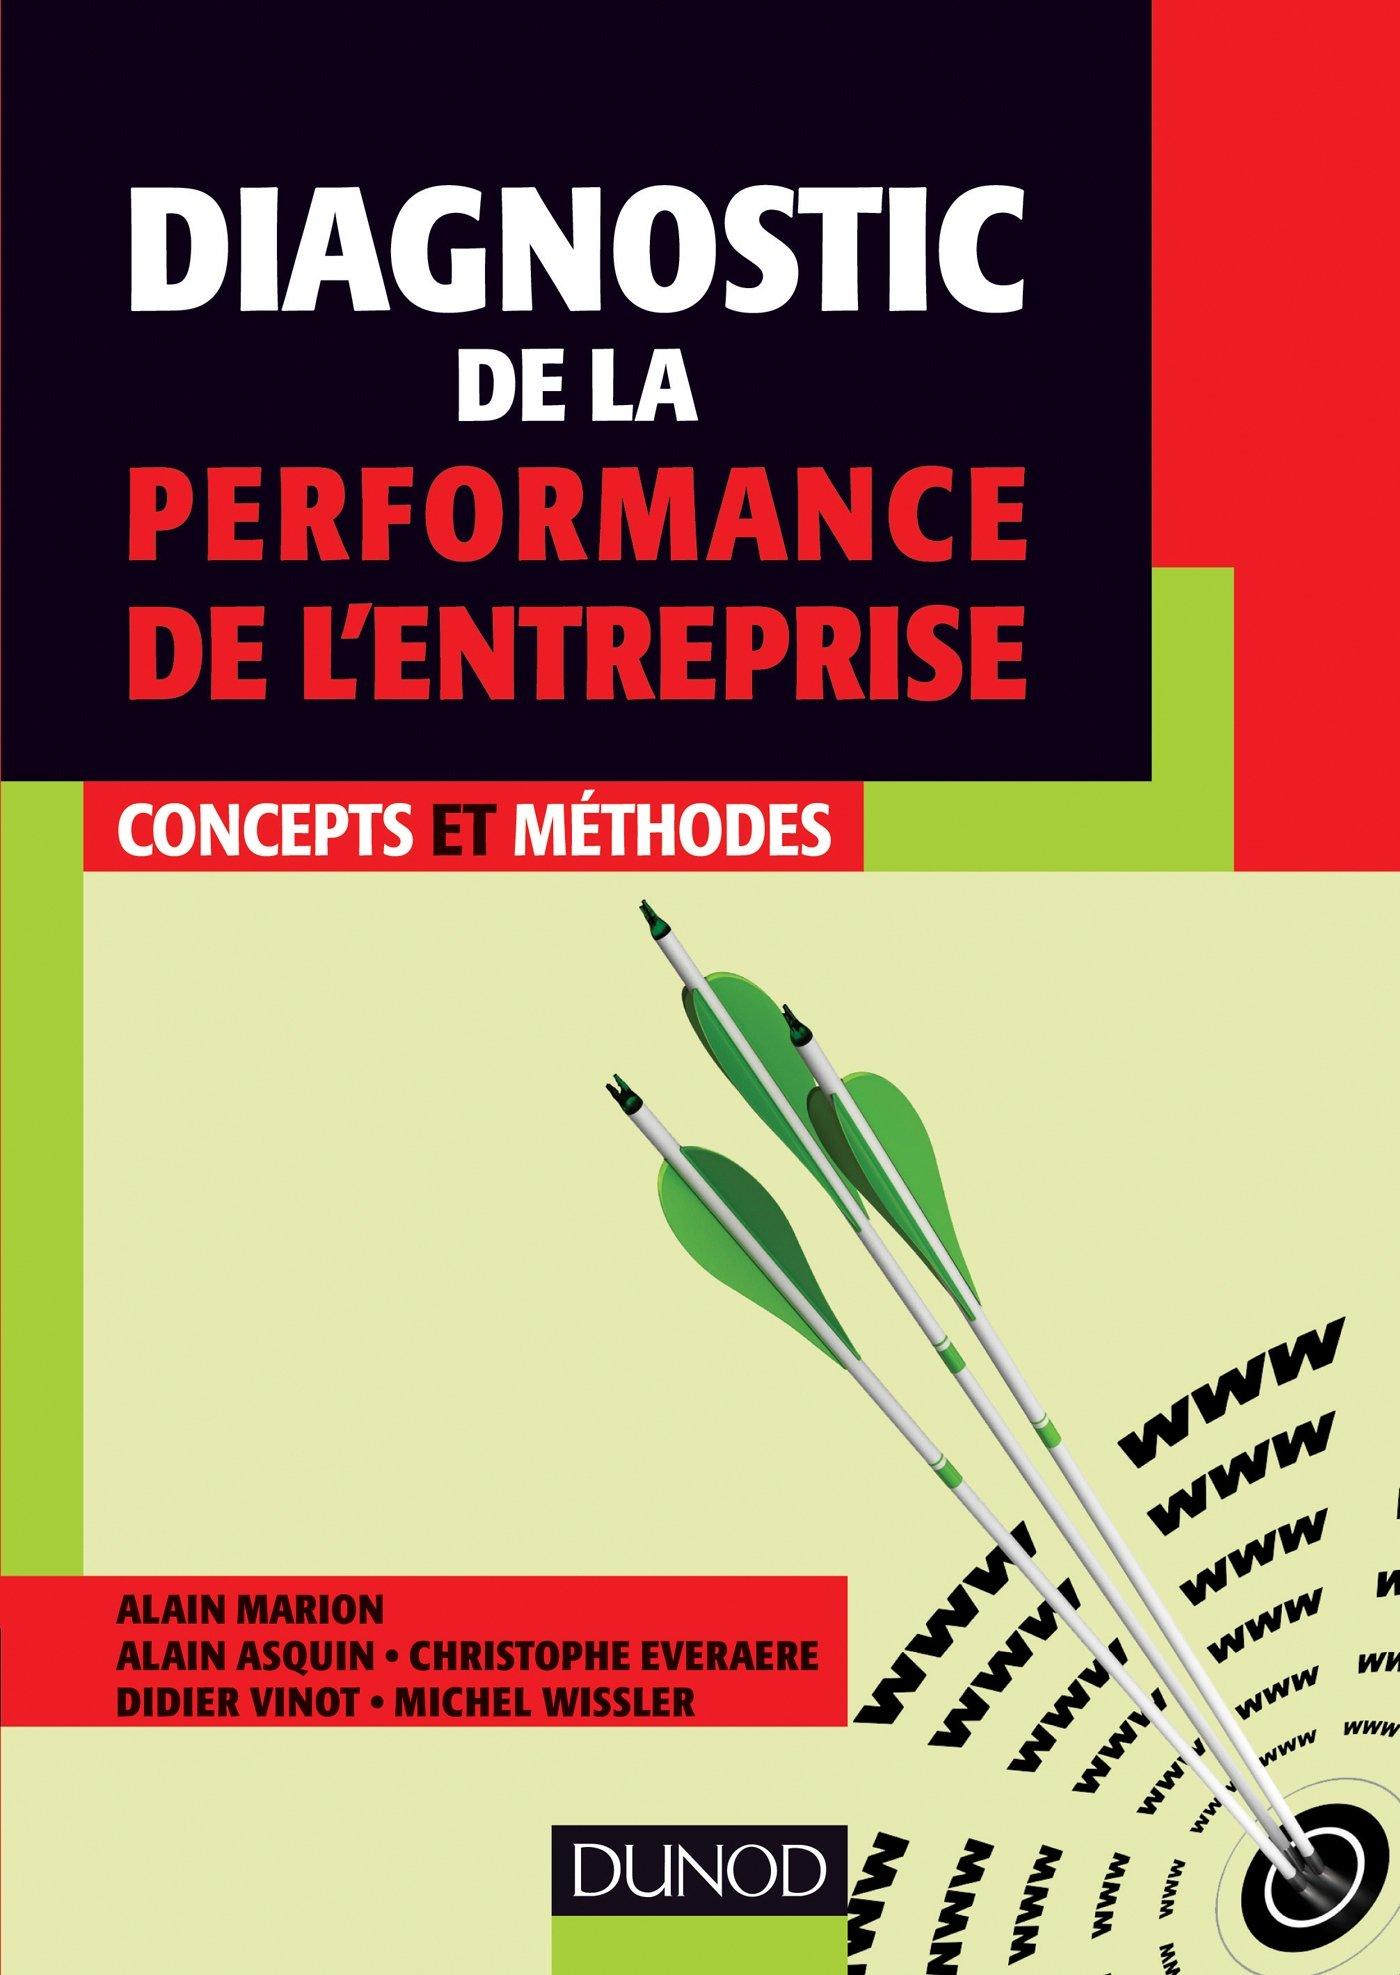 Diagnostic De La Performance De L Entreprise Alain Marion